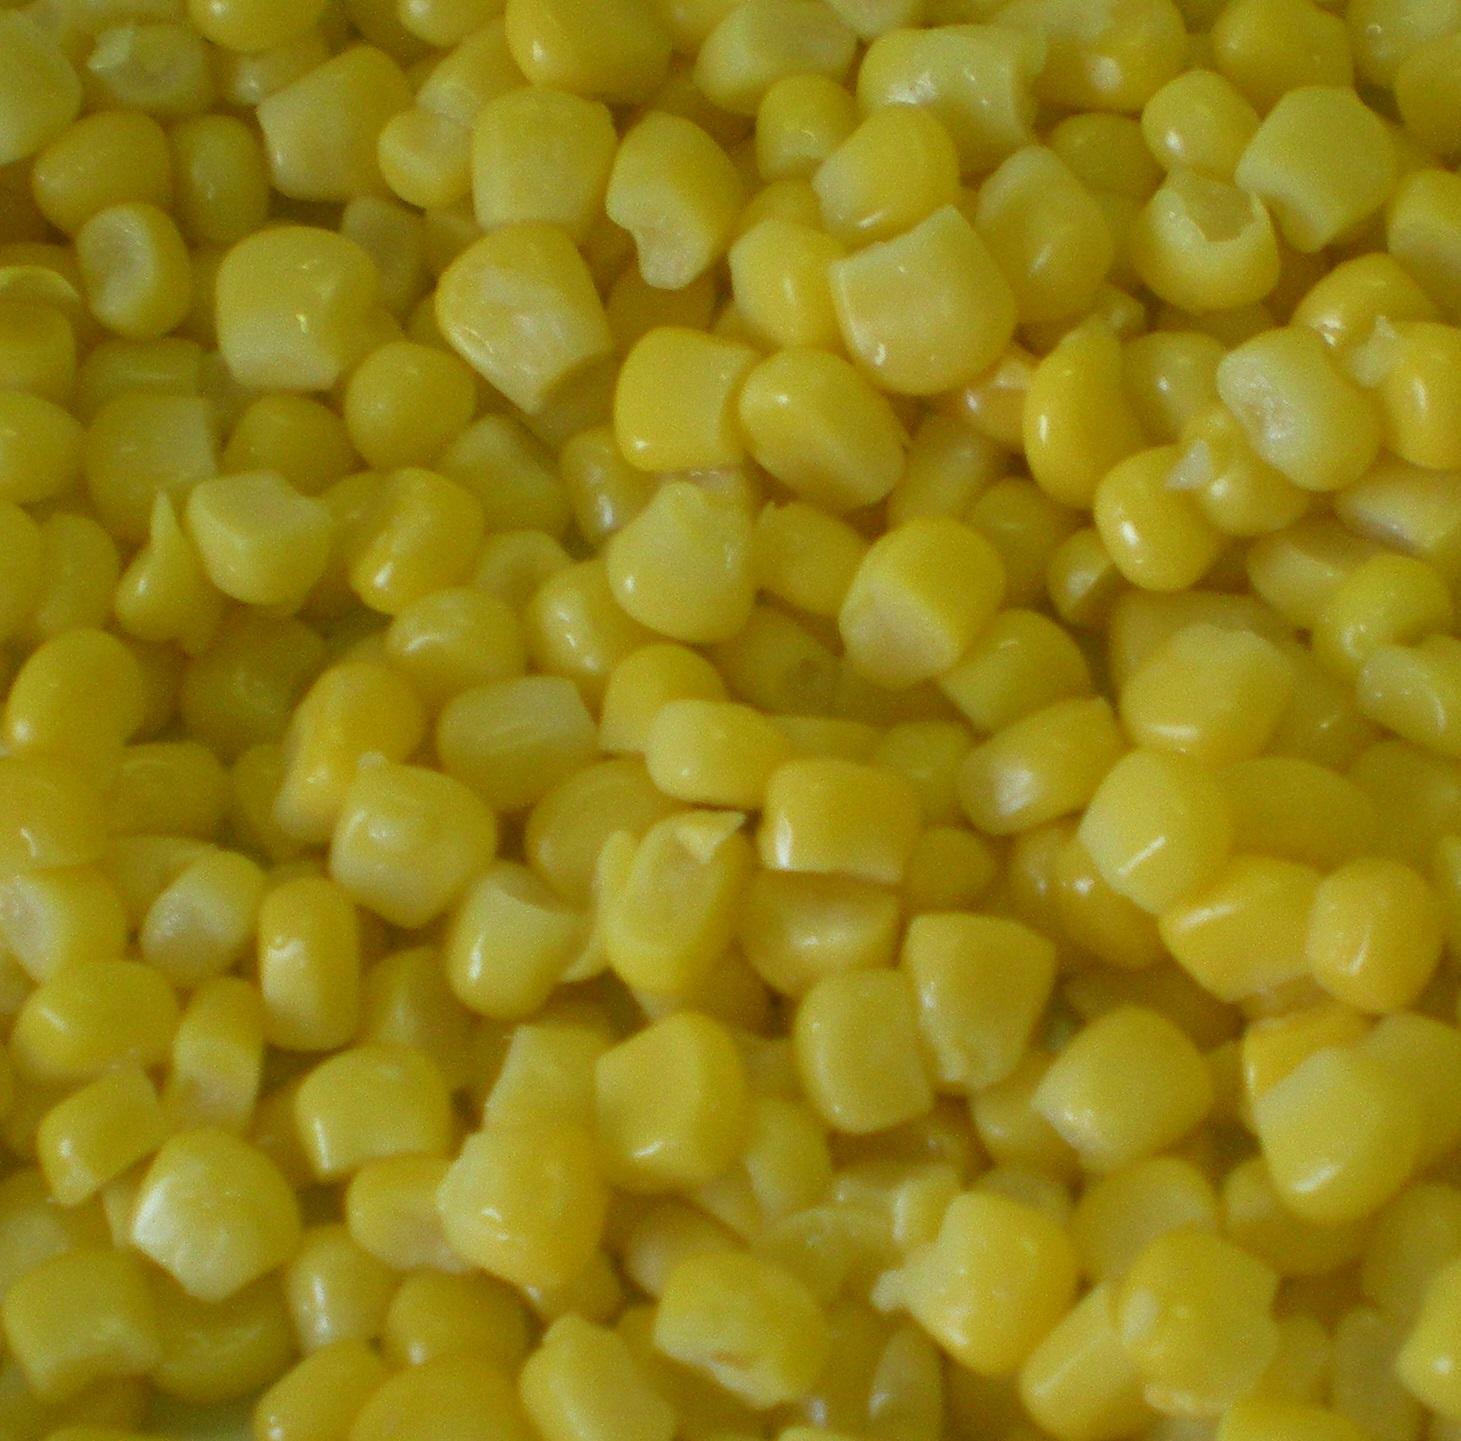 frozen corn kernels